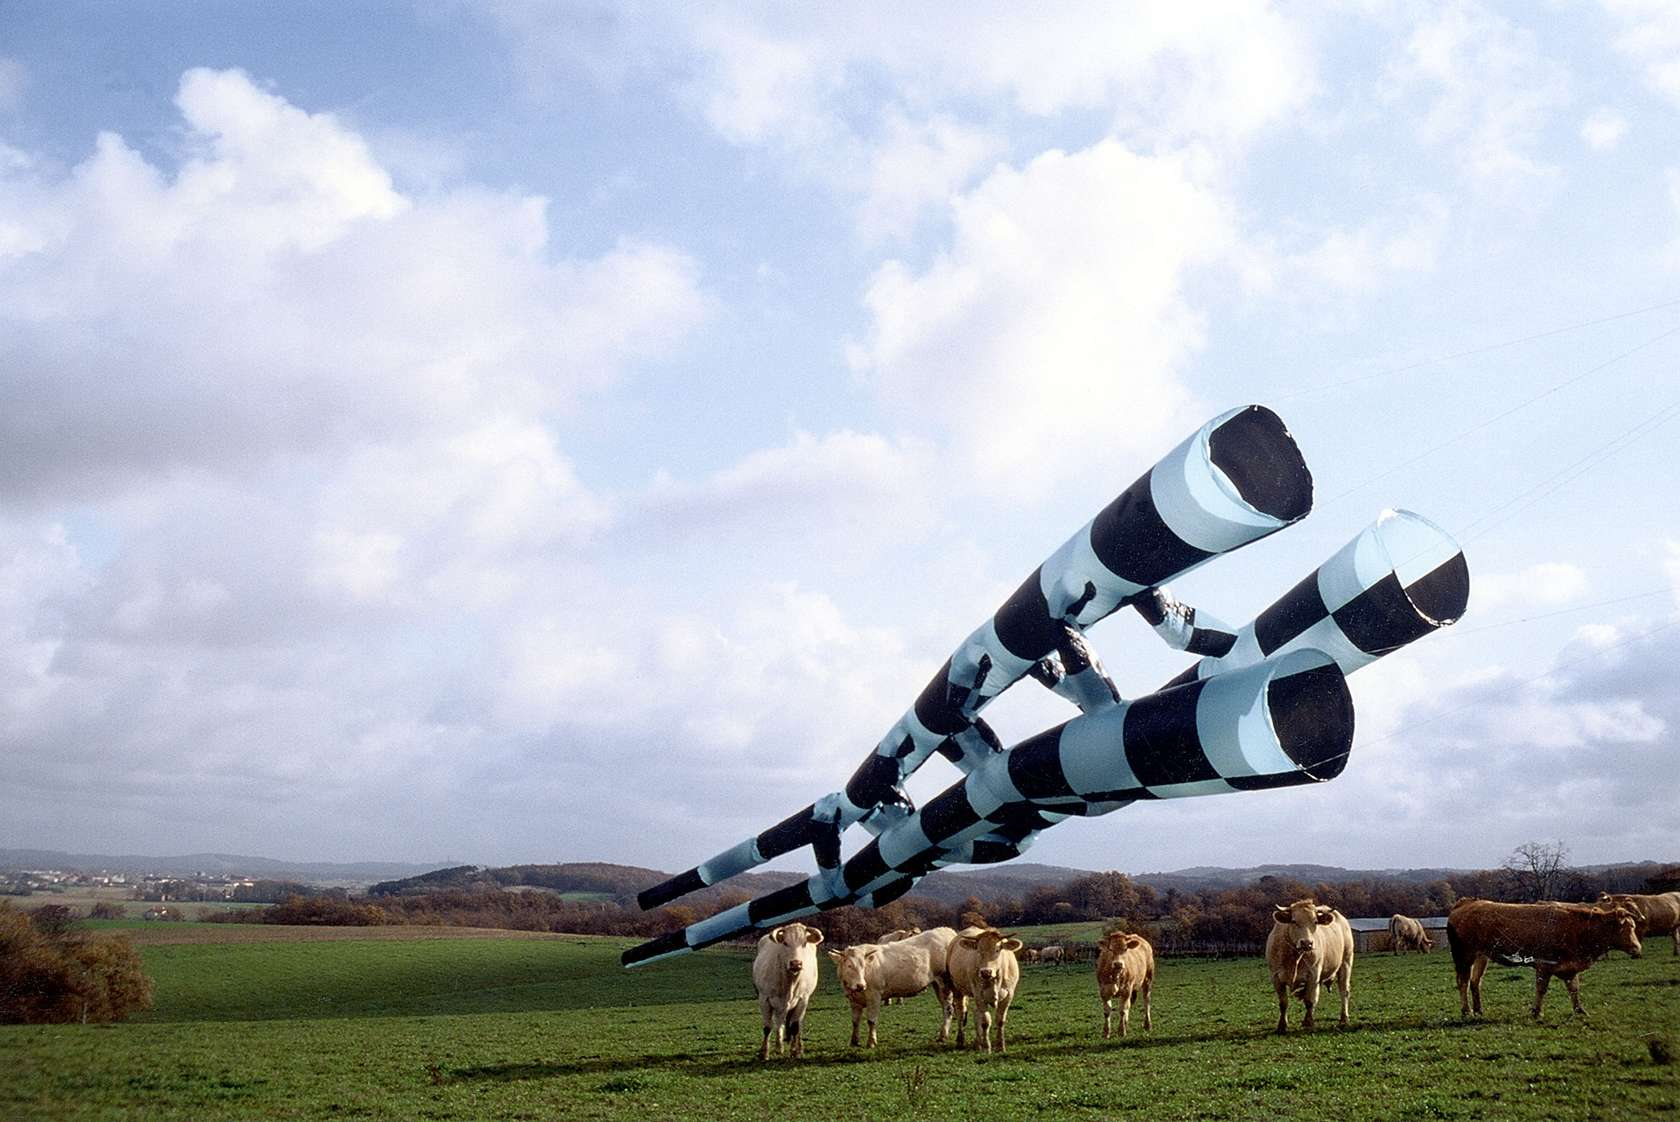 Thomas Lanfranchi, Sans titre, 1996 Impression pigmentaire sur papier Hahnemülhe100 x 135 cm / 39 3/8 x 53 1/8 inches